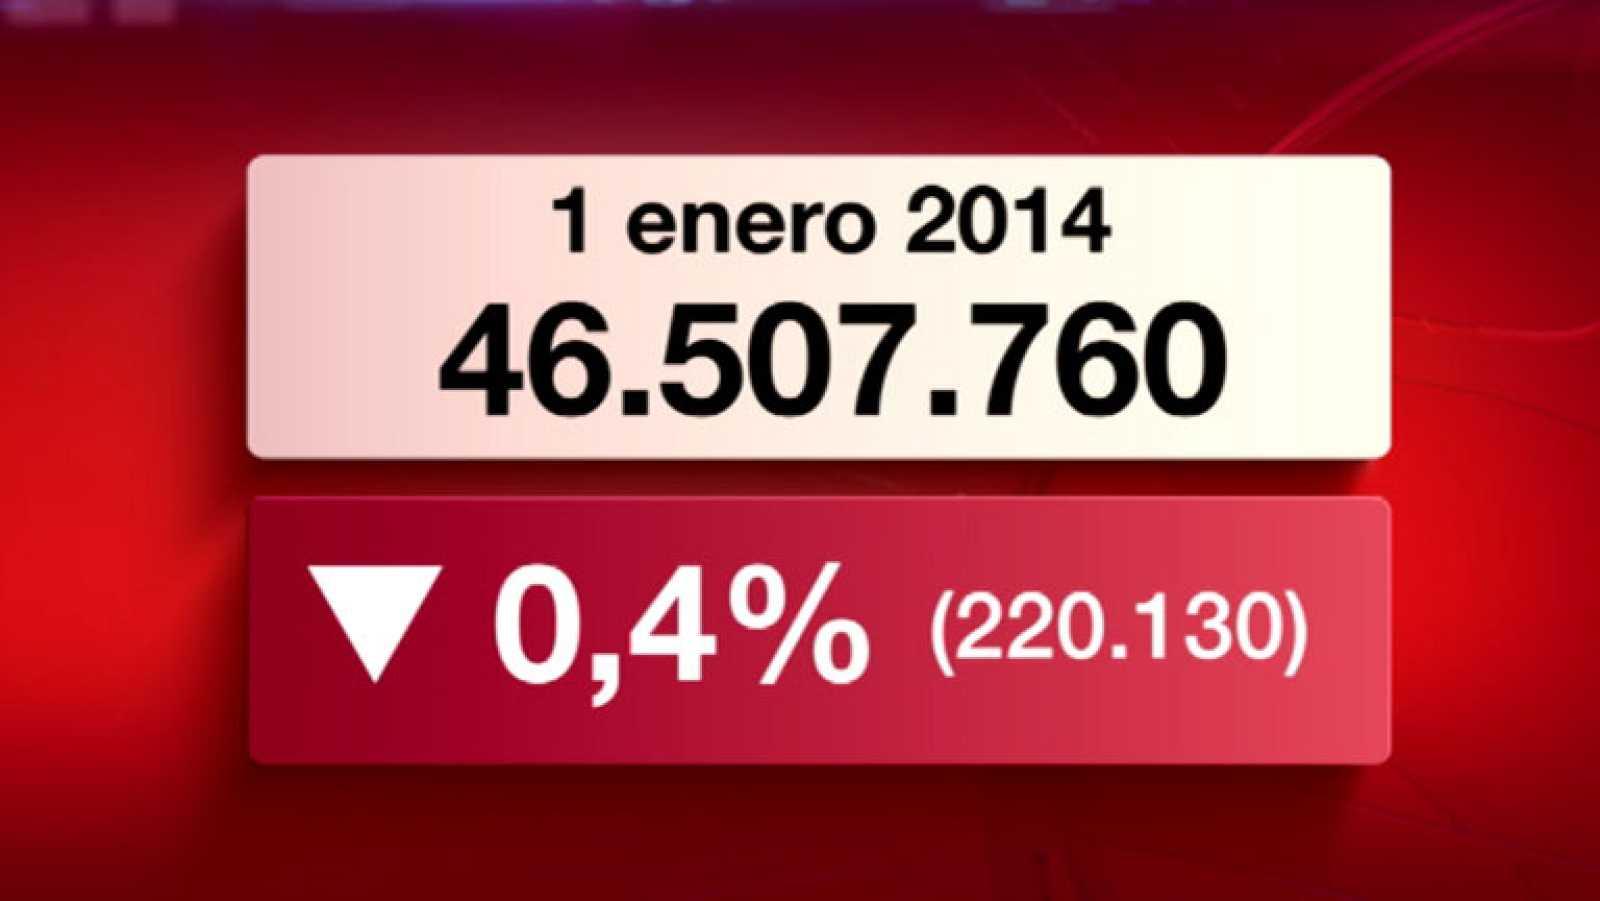 La población en España cae por segundo año consecutivo